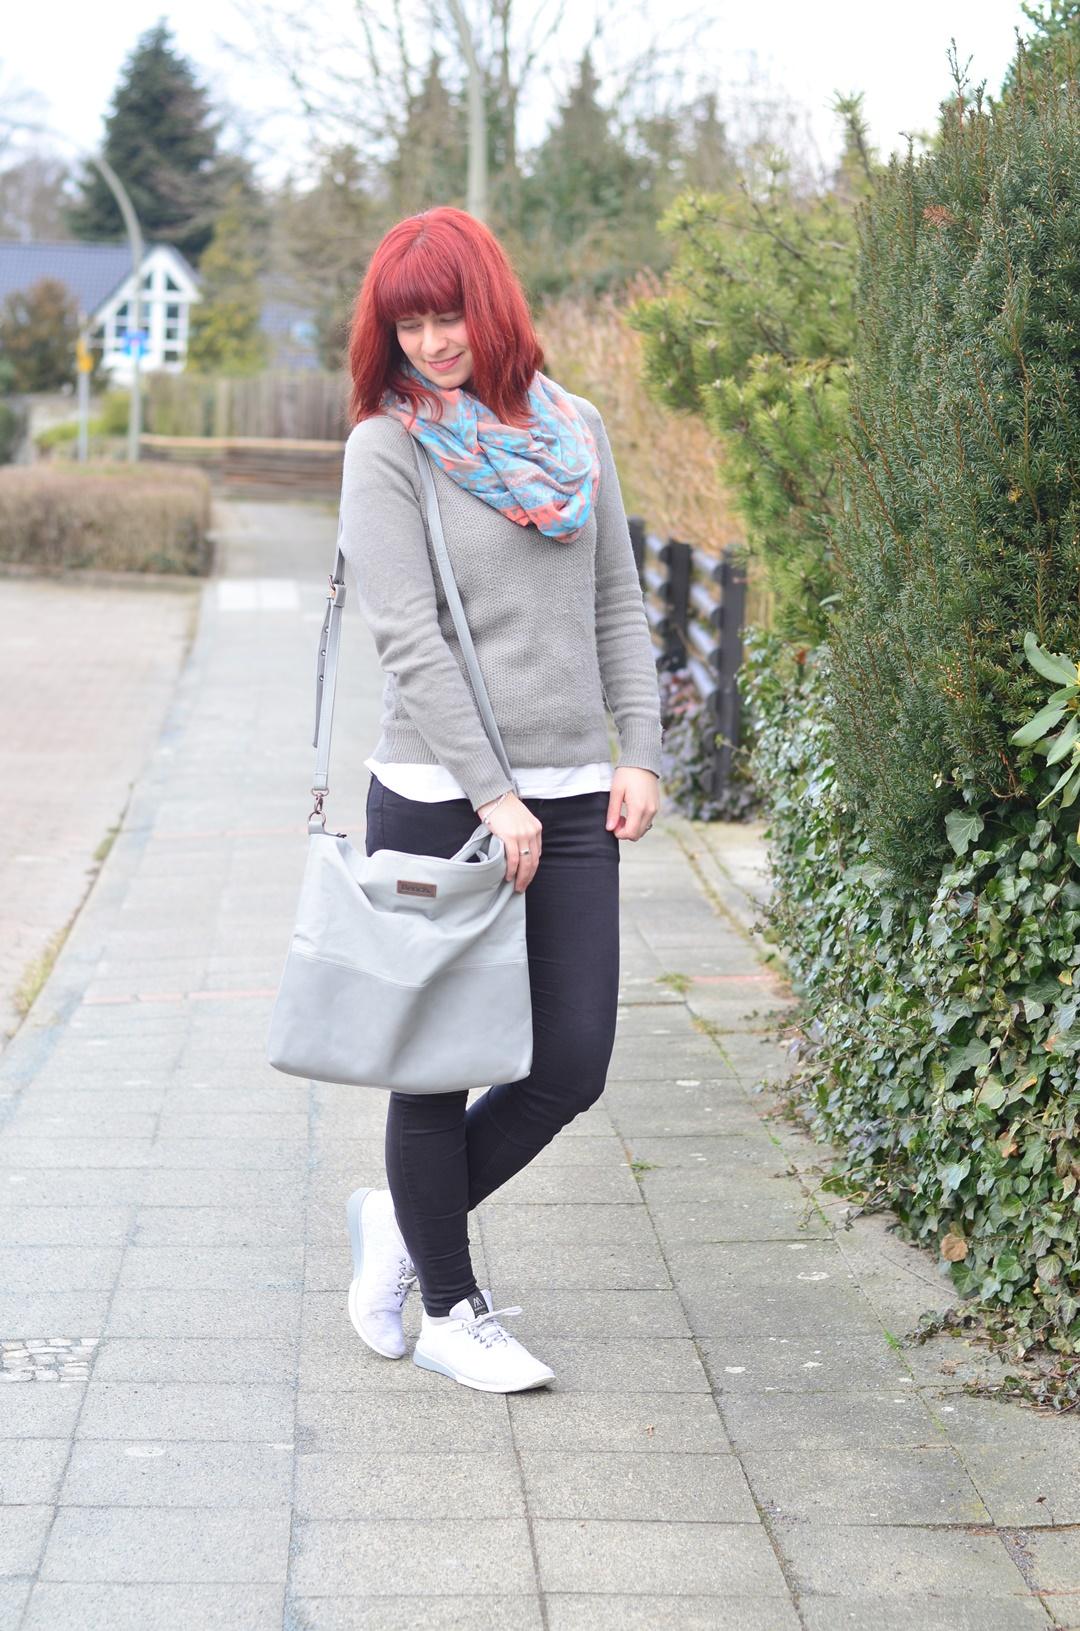 rote Haare_minimalistisches Outfit_Bench_schlichtes Outfit_Fair Fashion_Minimalismus_capsule wardrobe_Annanikabu (3)